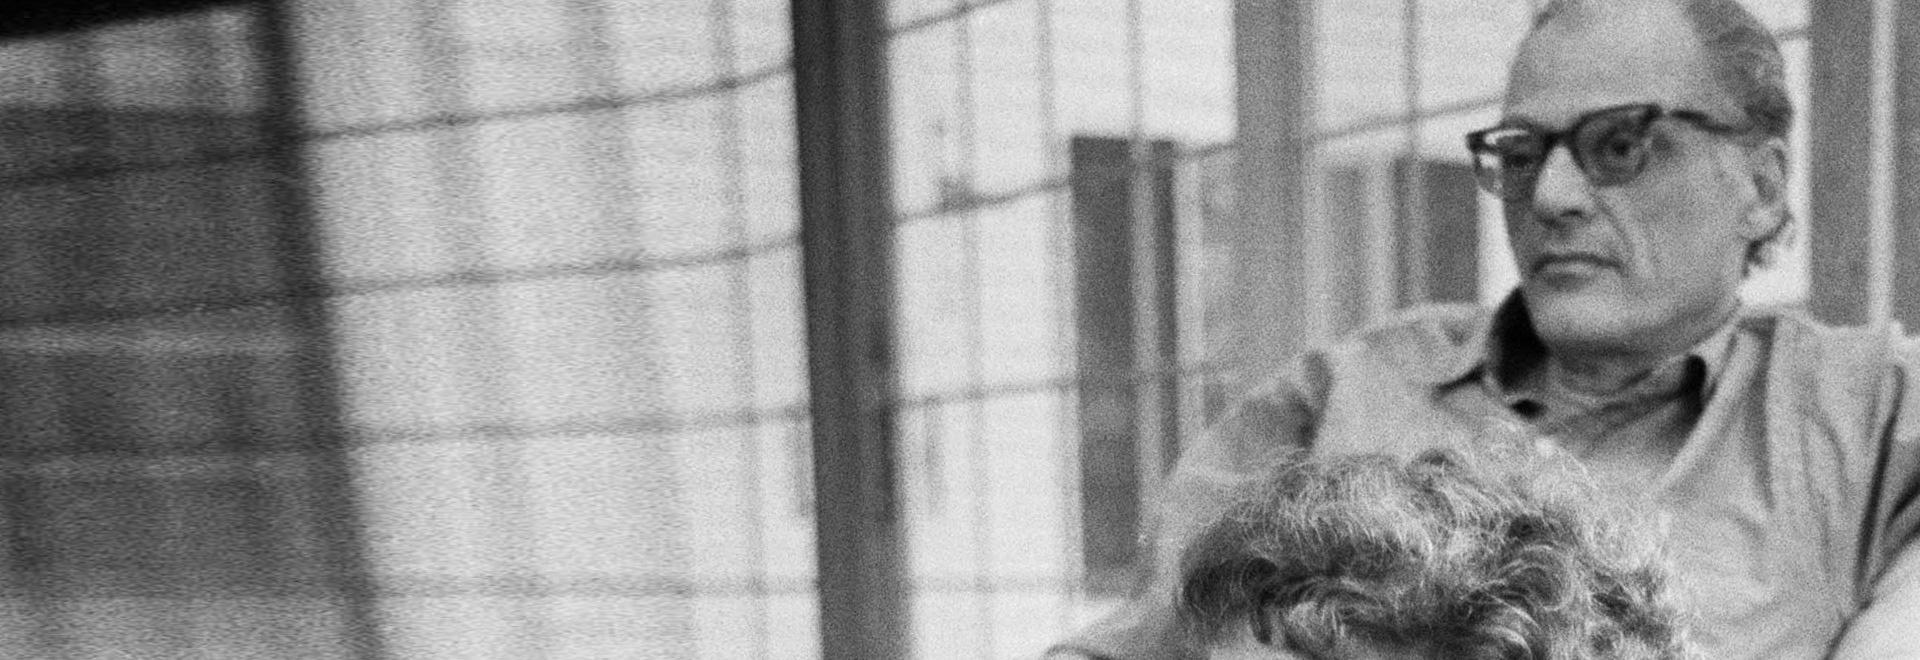 Arthur Miller - Writer